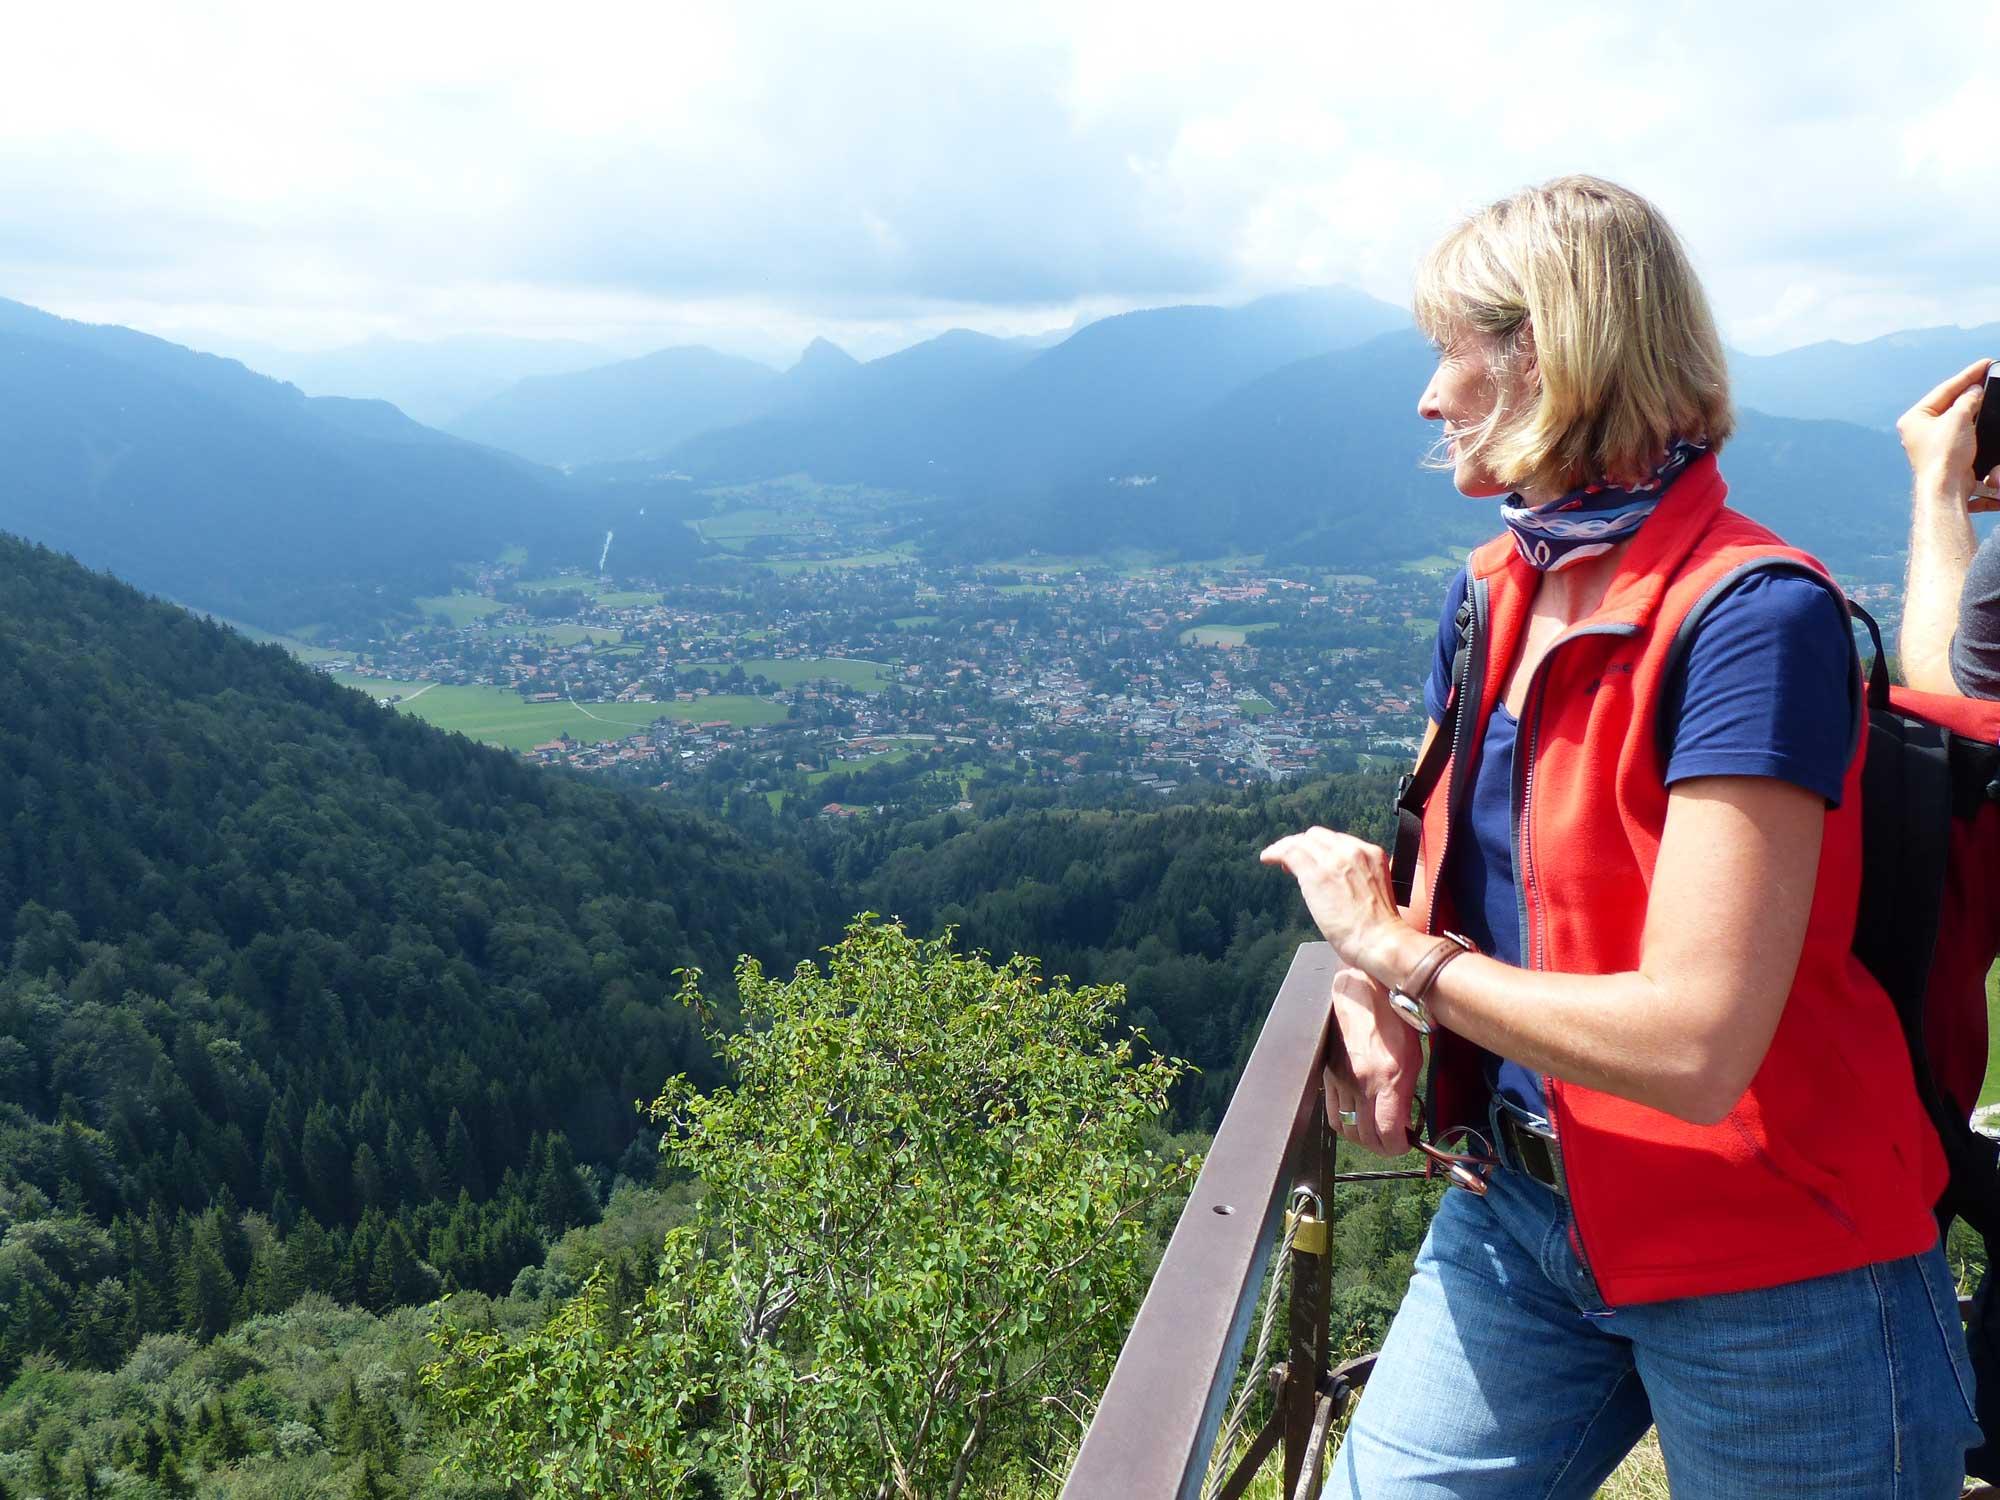 Bayerische-Alpen_Riederstein_Wanderer_1.